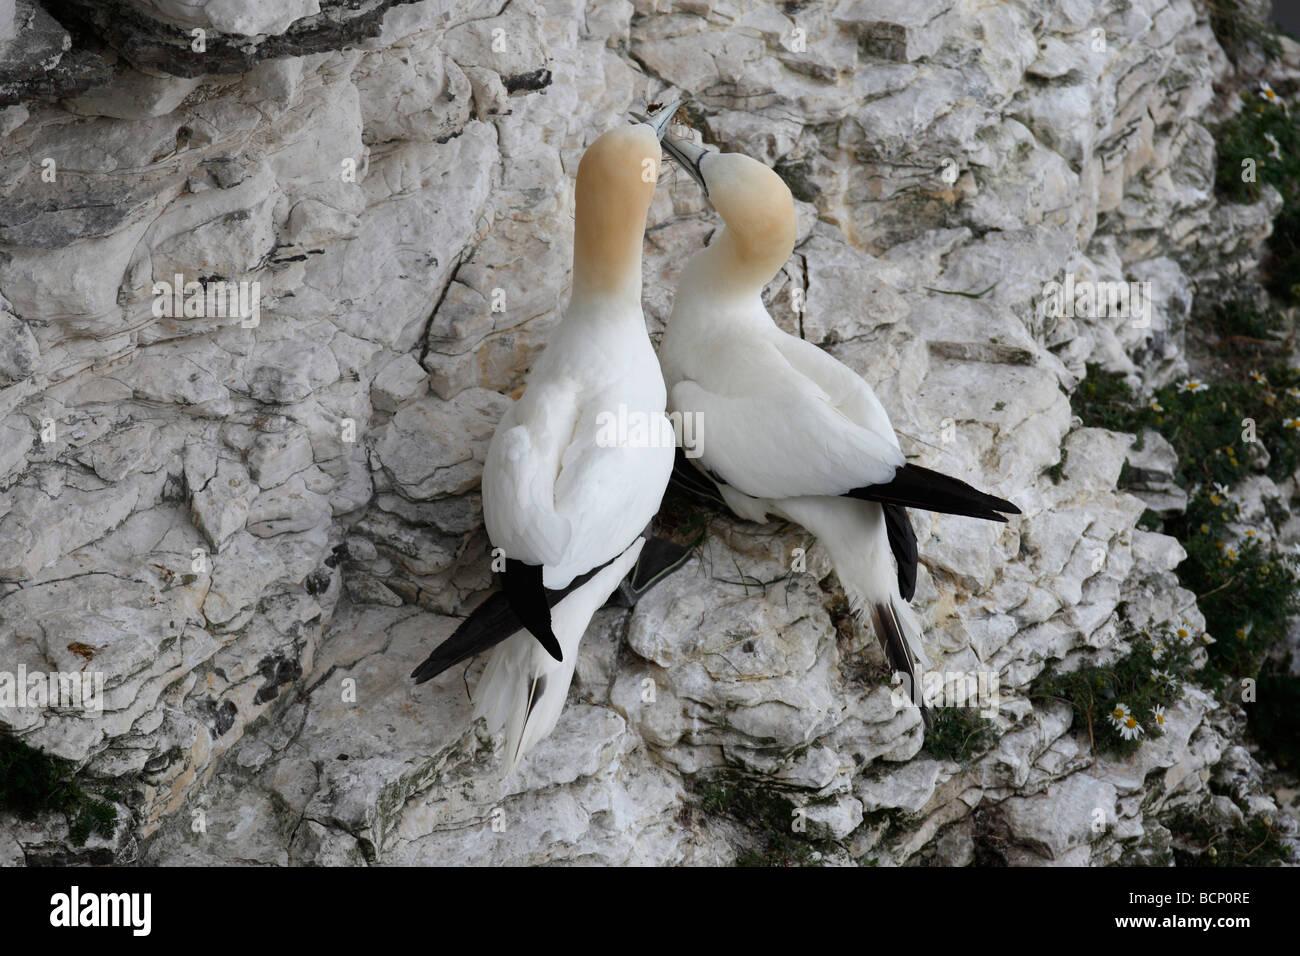 Gannett Sulu bassana coppia a nido con materiale di nido Immagini Stock